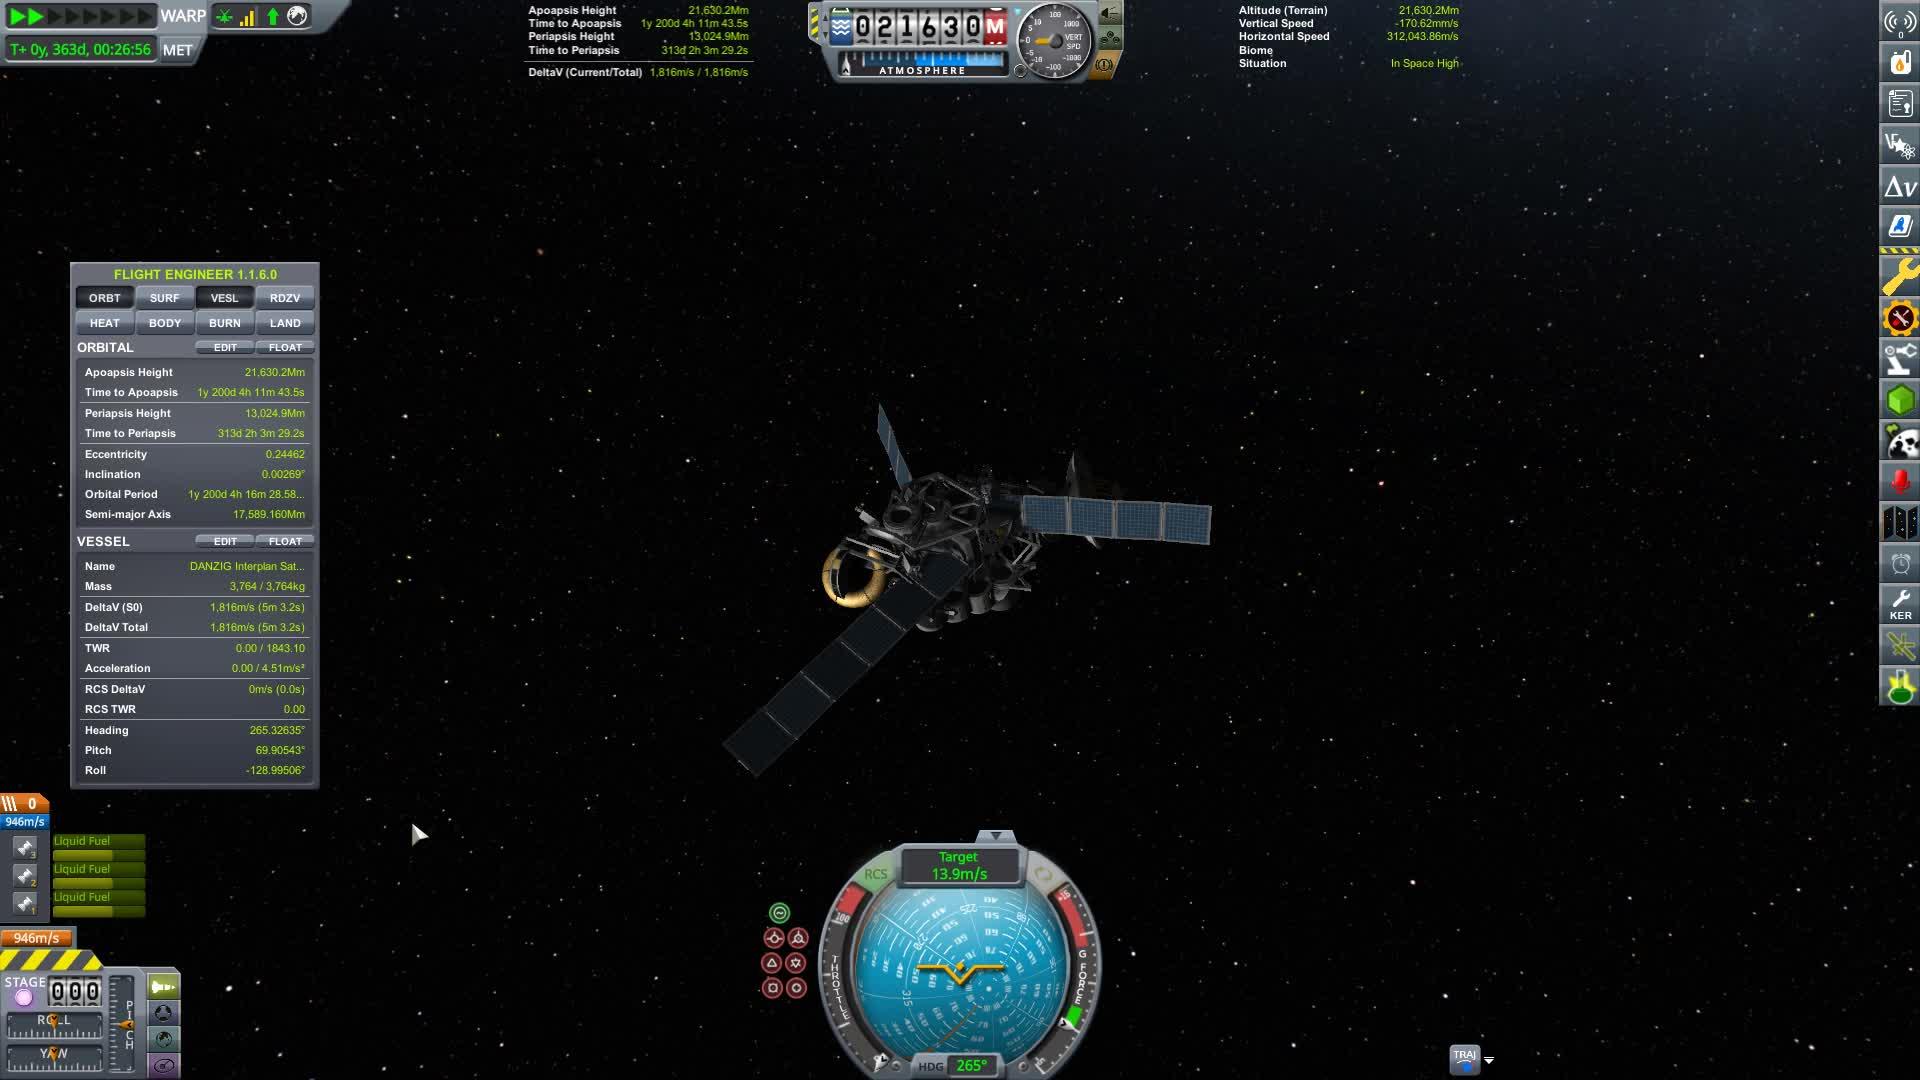 kerbalspaceprogram, Kerbal Space Program 2019.08.05 - 18.05.07.01 GIFs